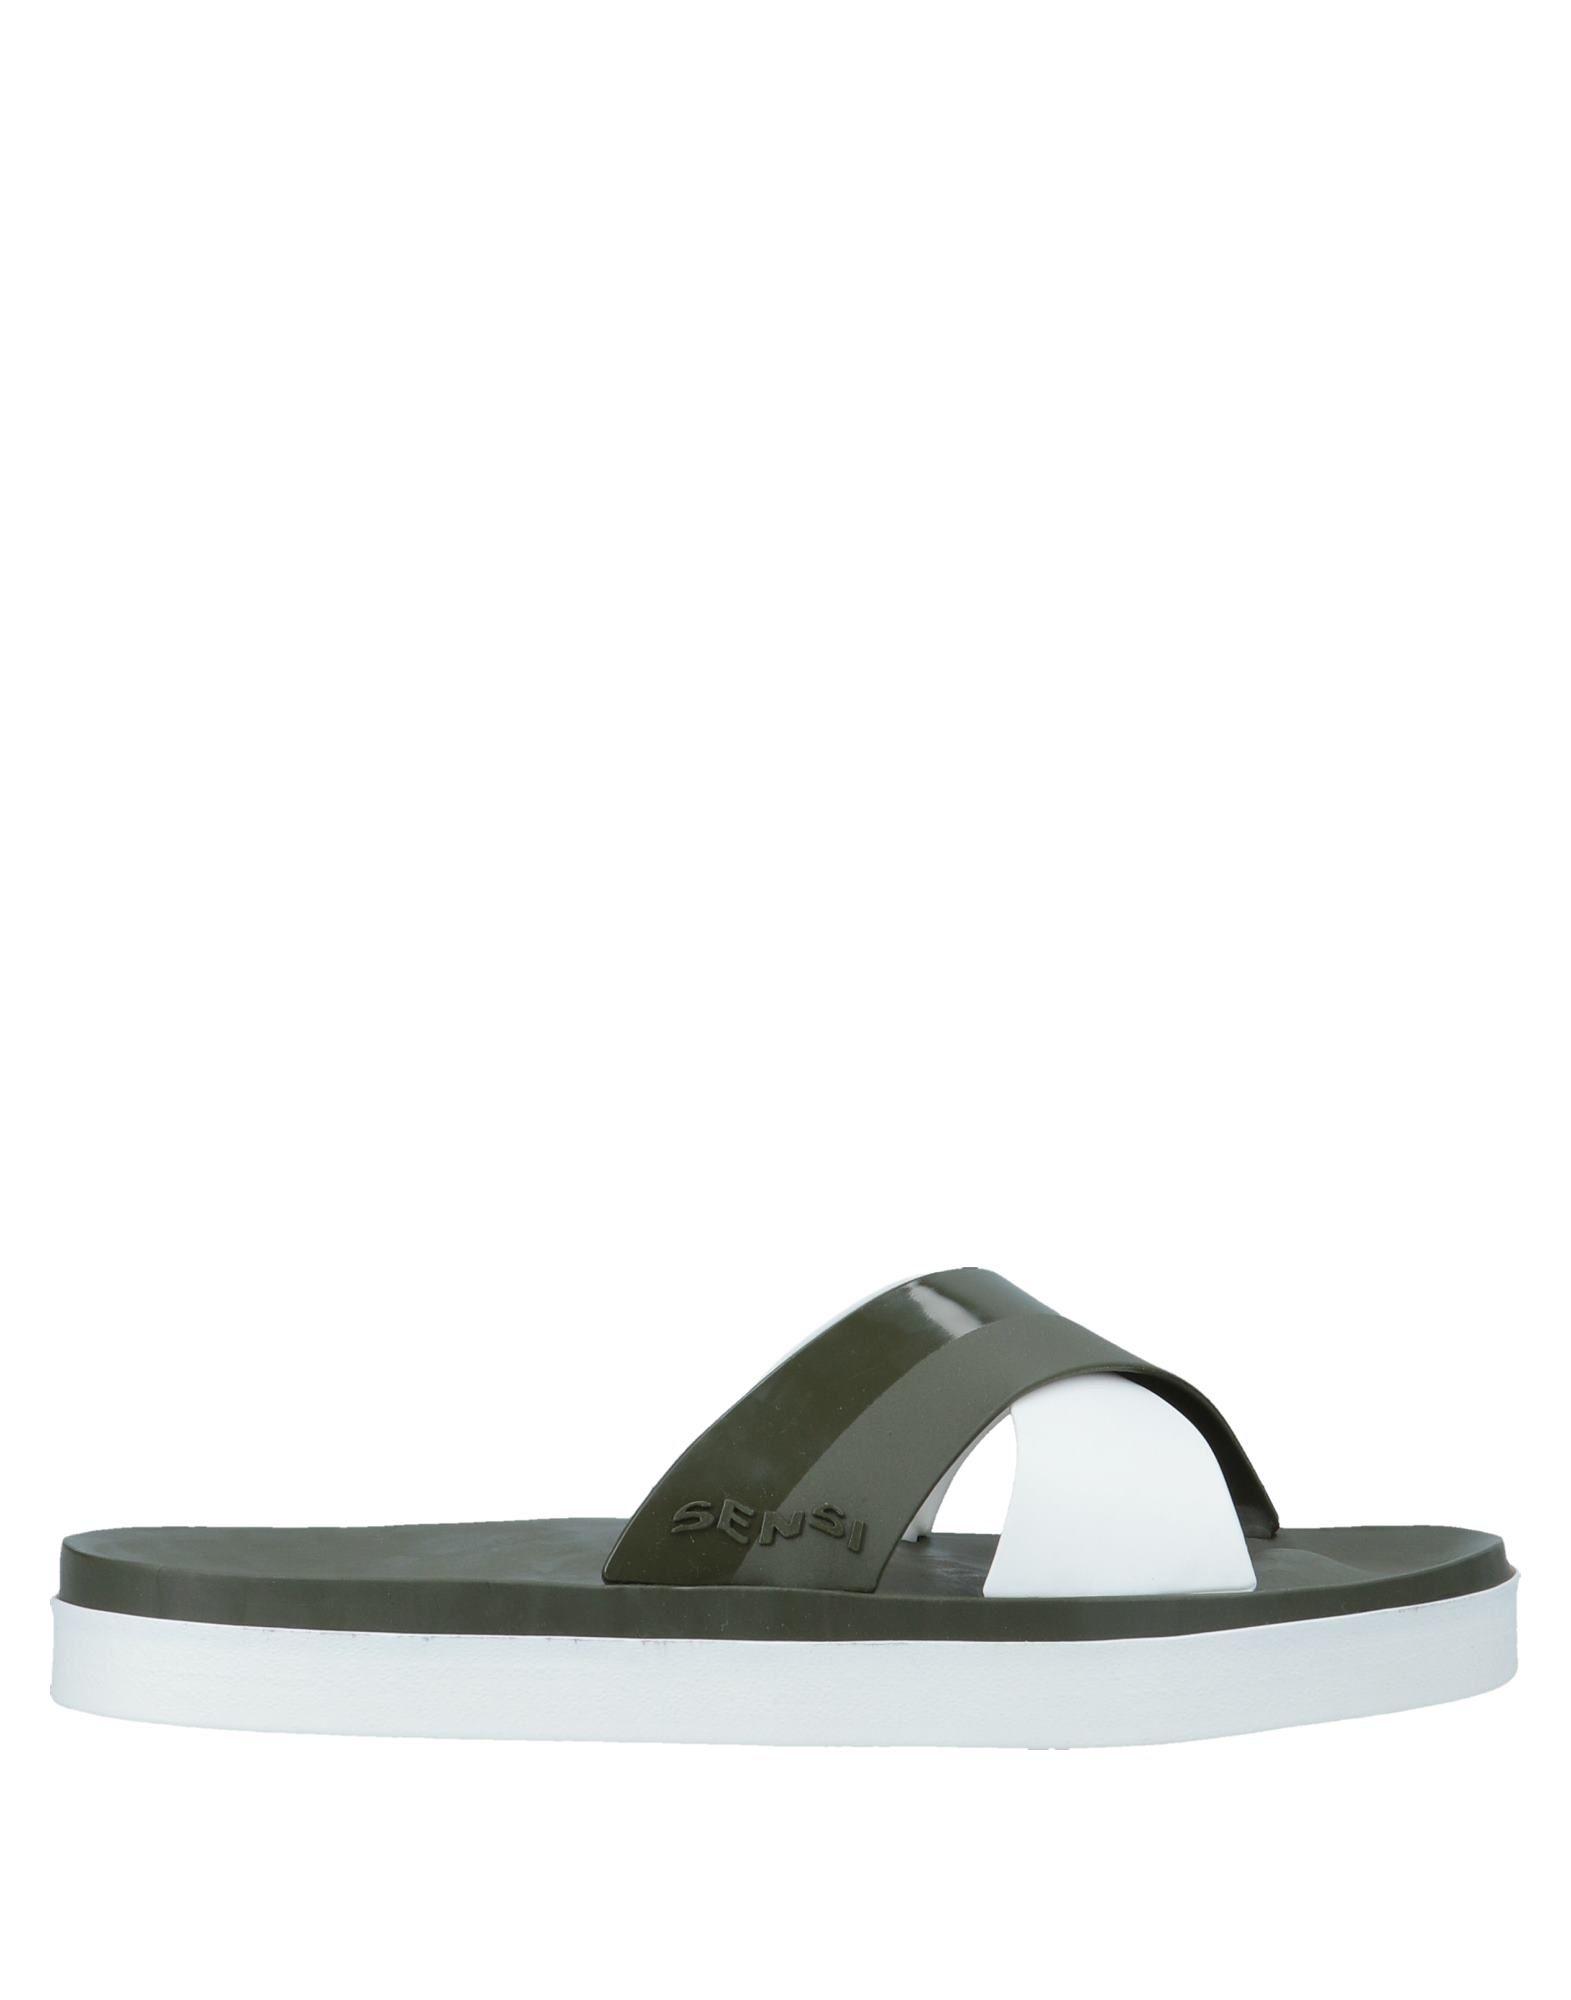 1fbc43c496b1 Sensi Sandals - Men Sensi Sandals online on YOOX Portugal - 11602578JB